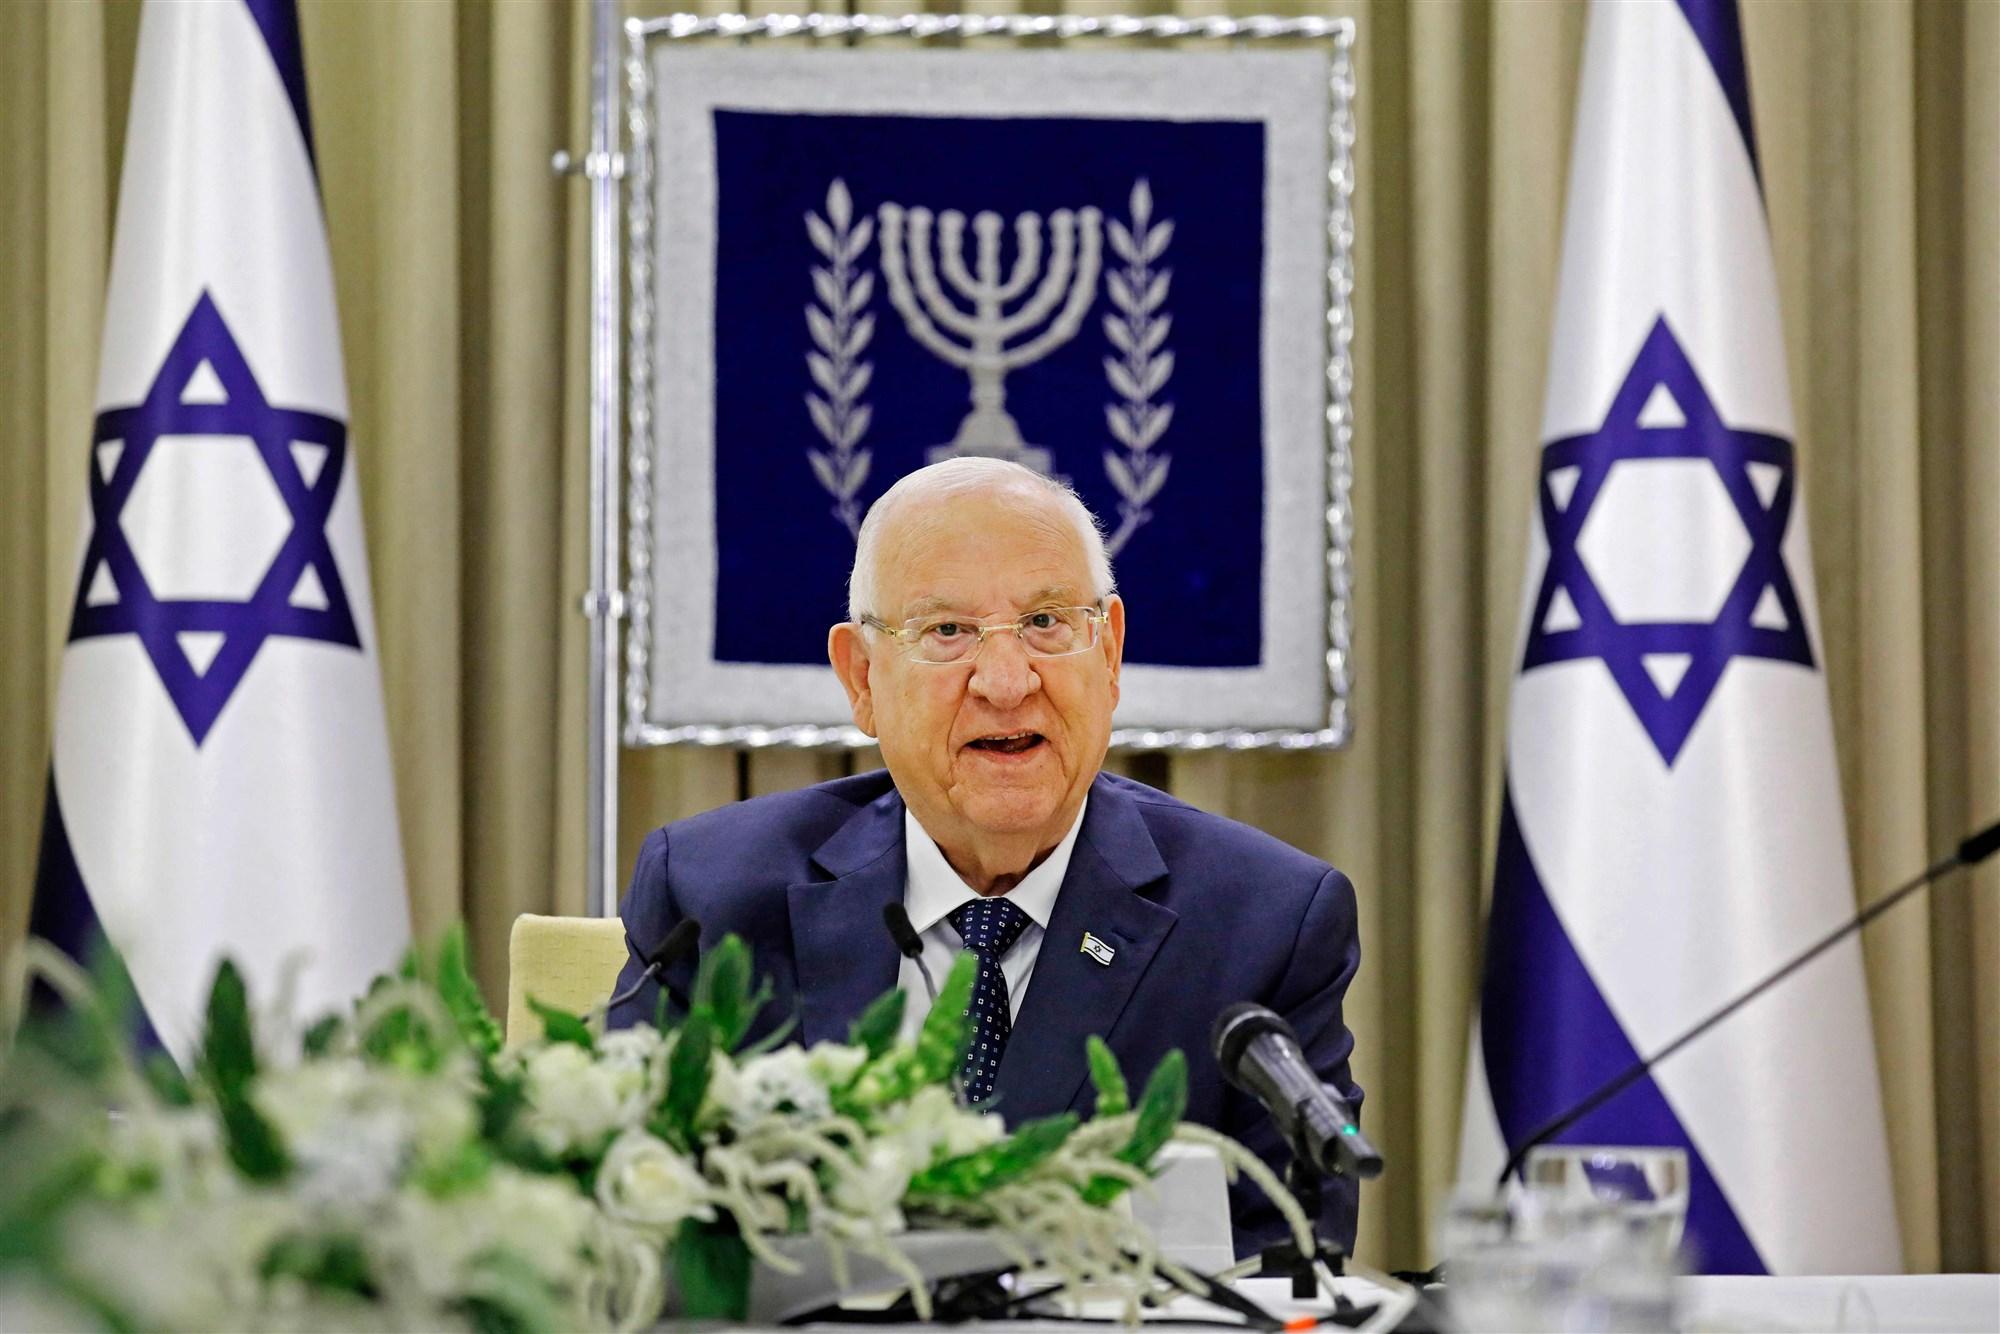 Presidenti izraelit zgjedh Netanyahun të formojë qeverinë